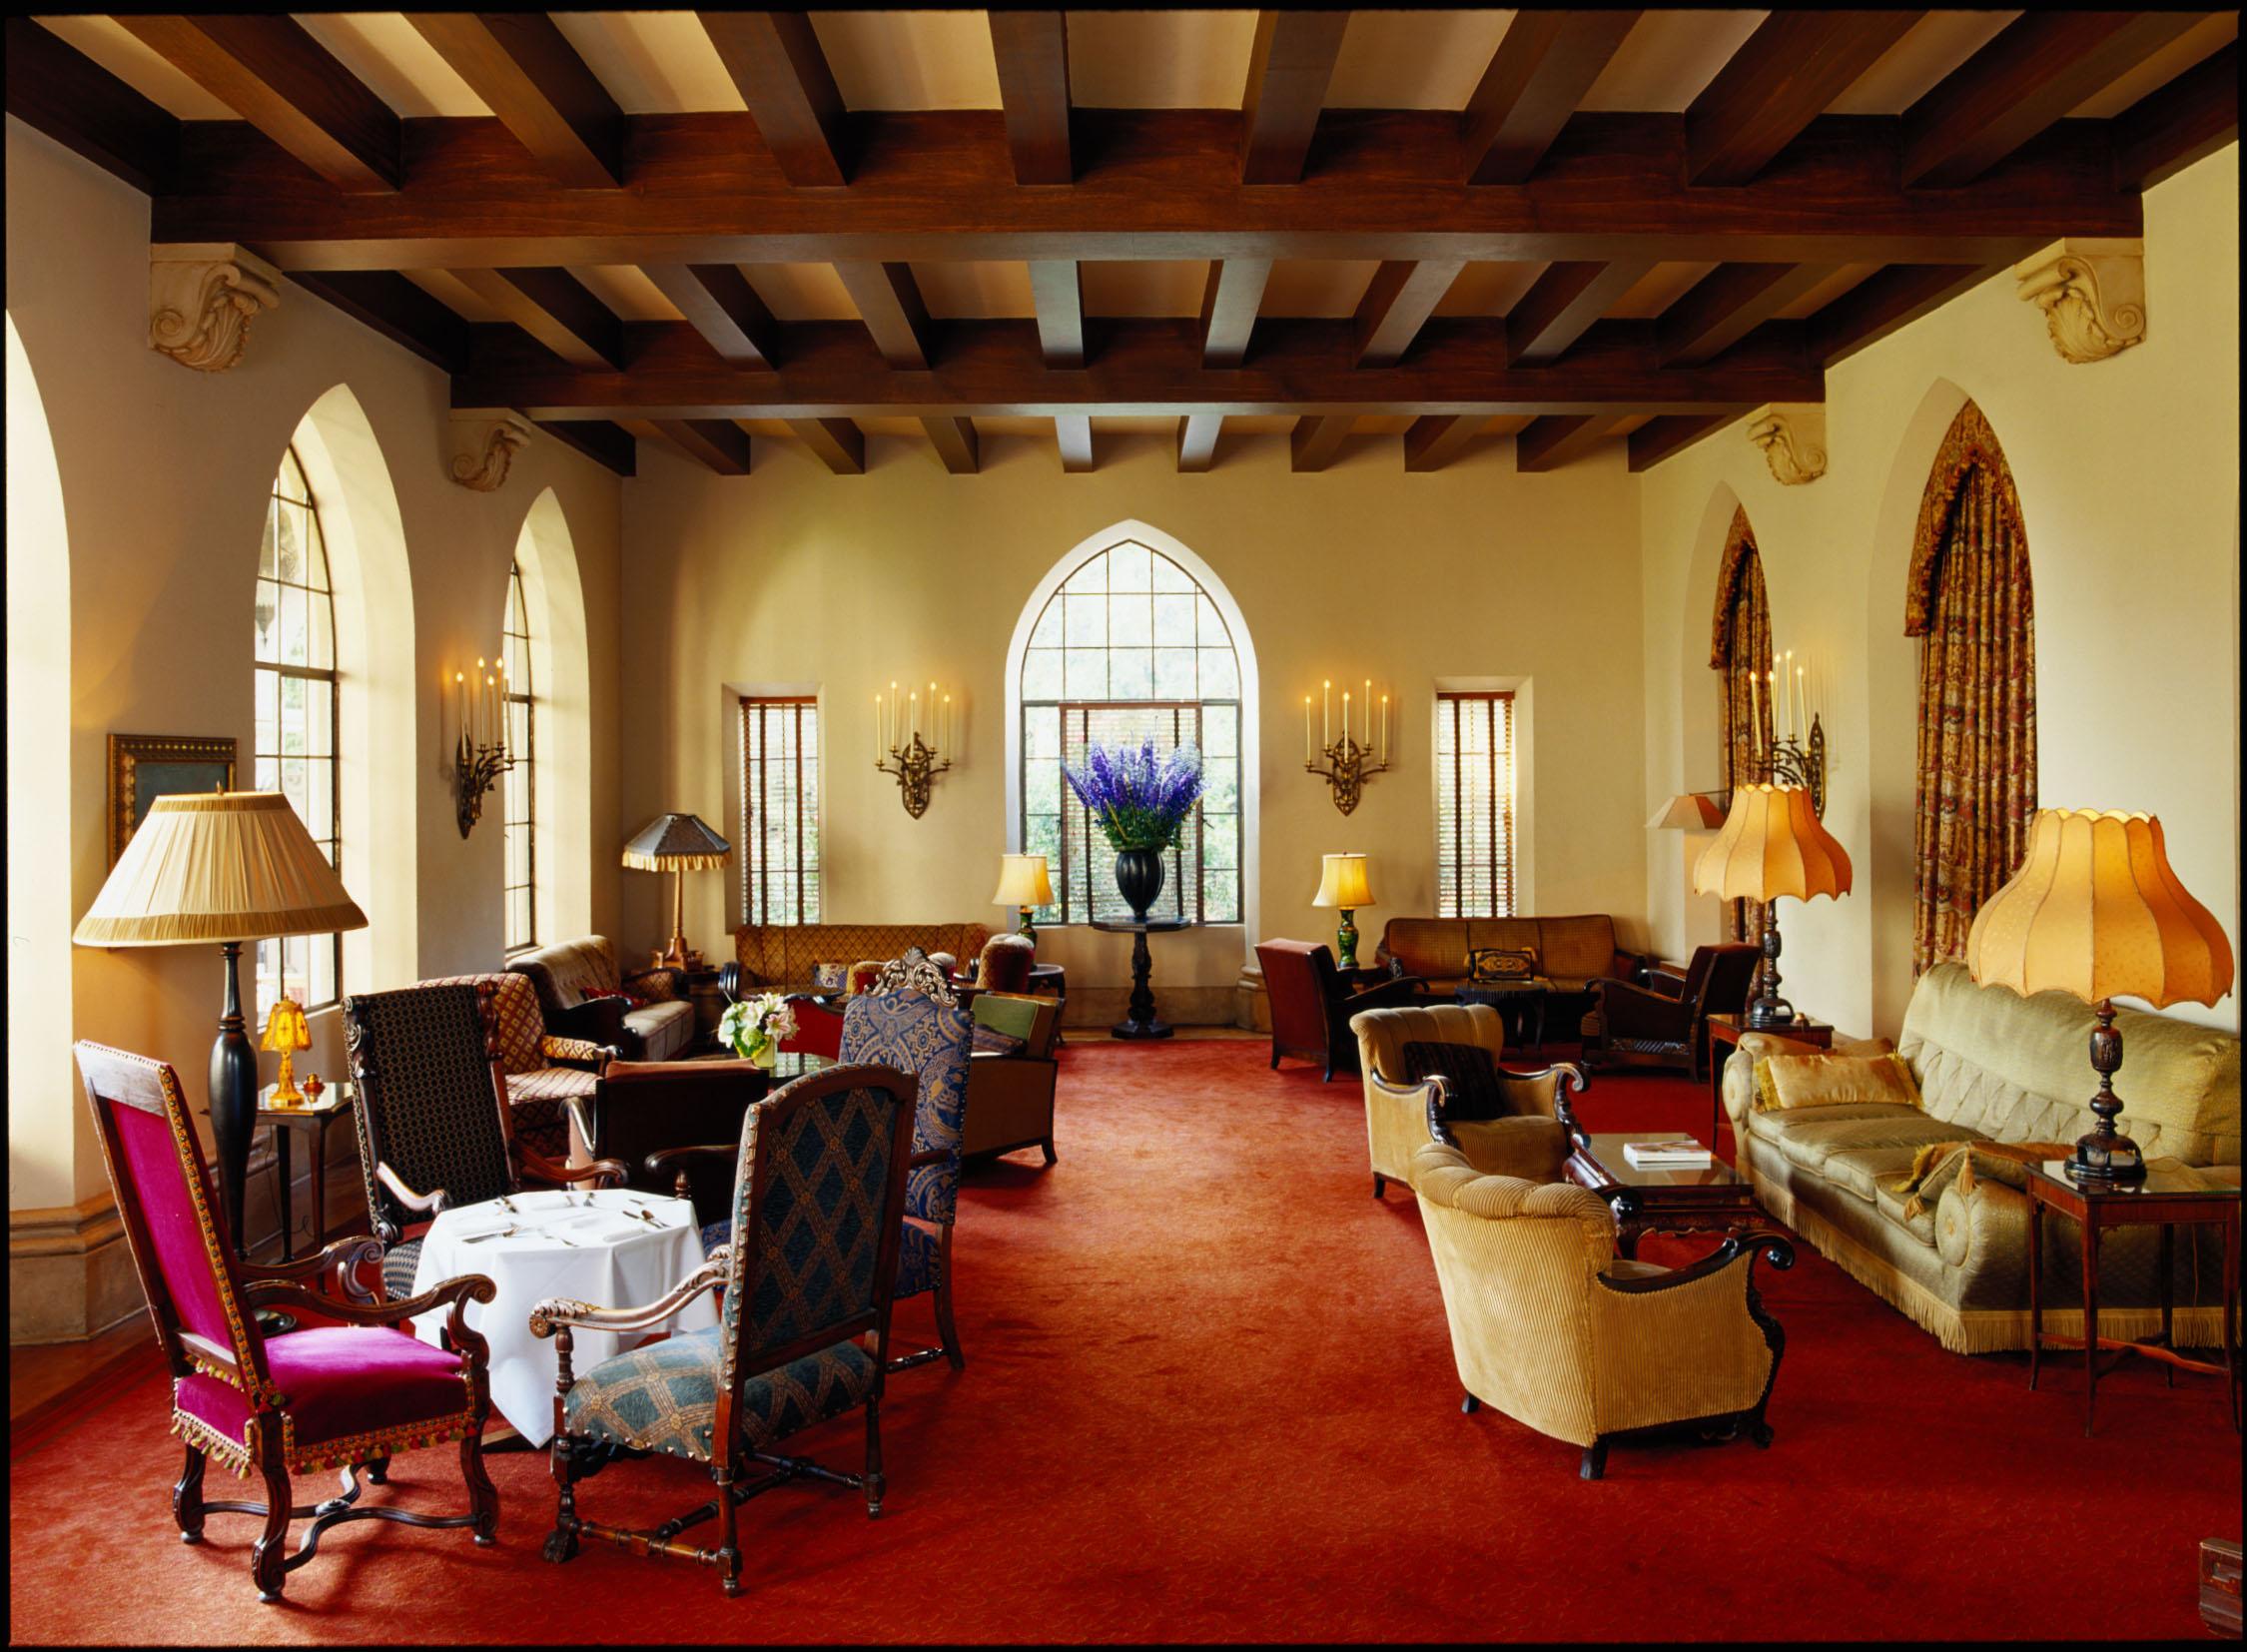 Chateau interior lobby (by Nikolas Koenig).jpg